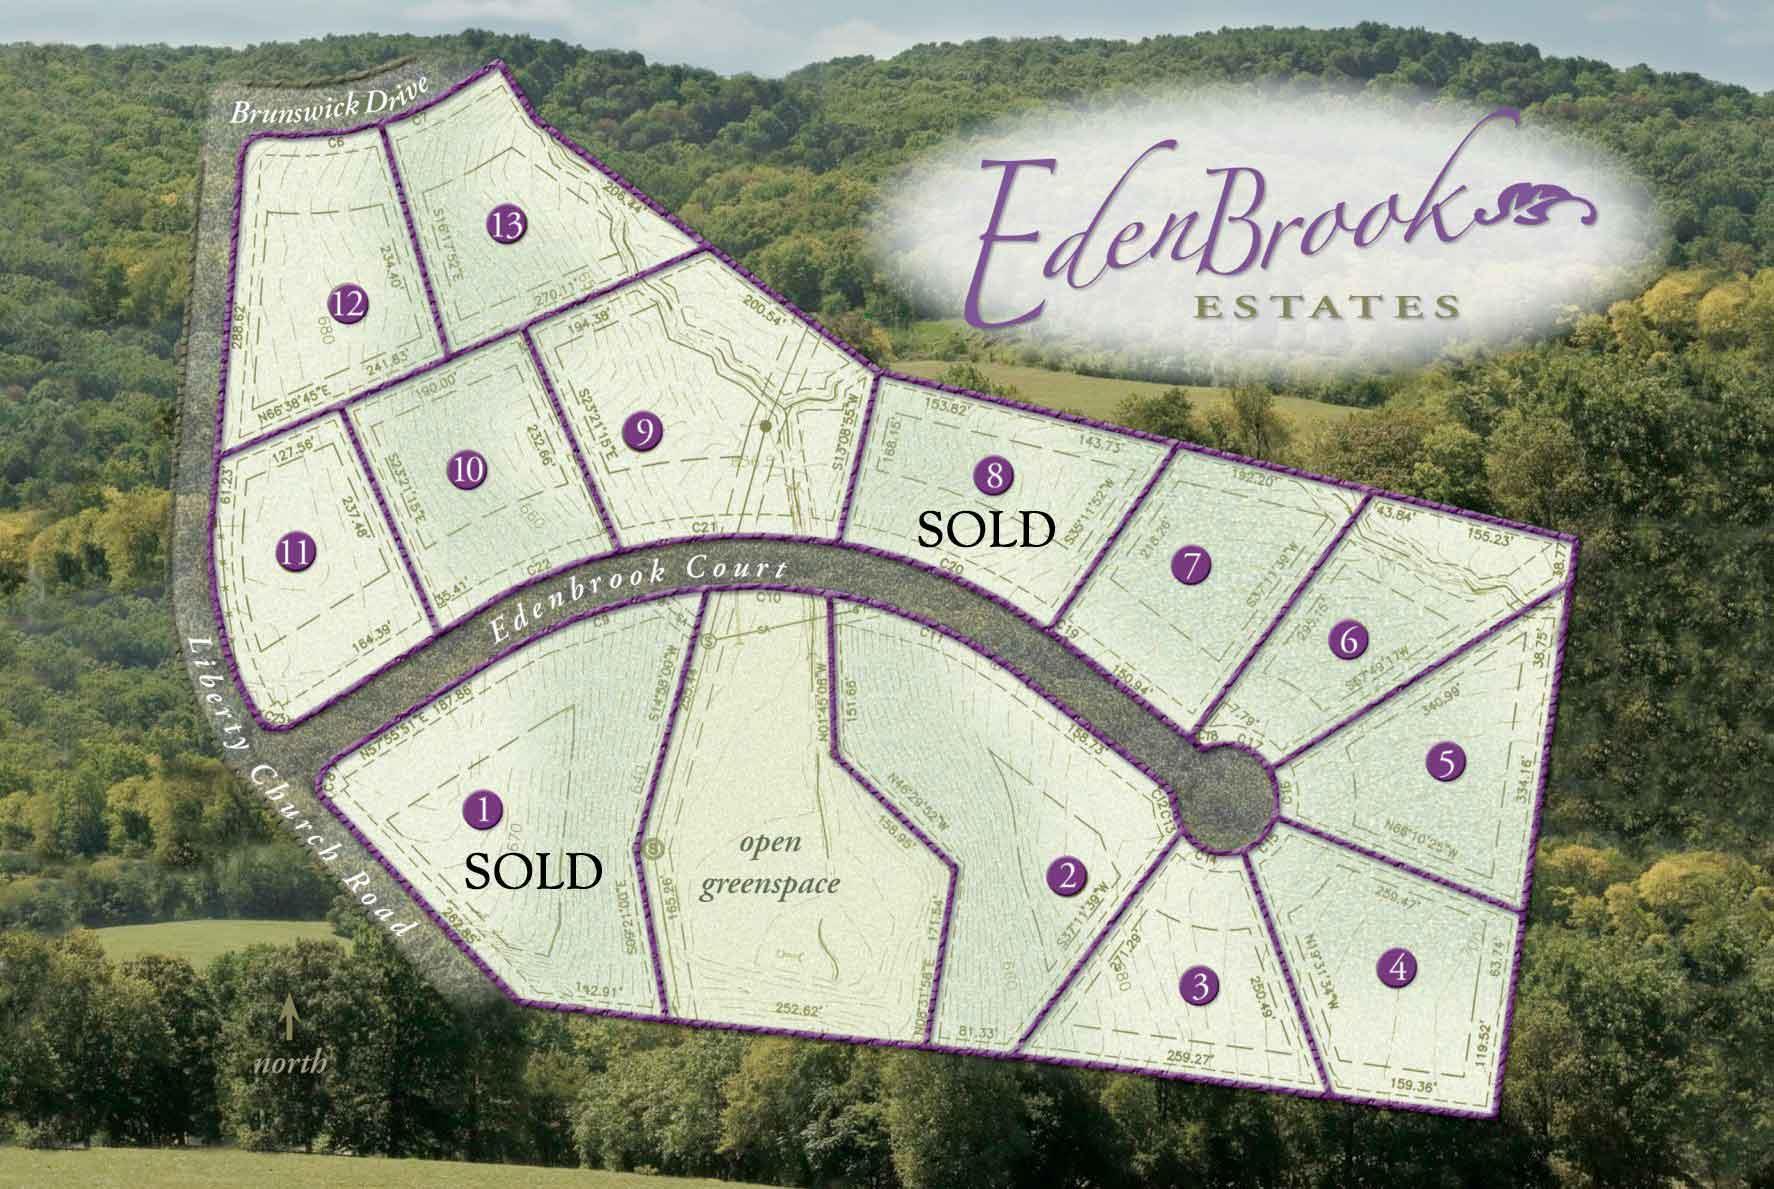 9521 Edenbrook Ct, Brentwood, TN 37027